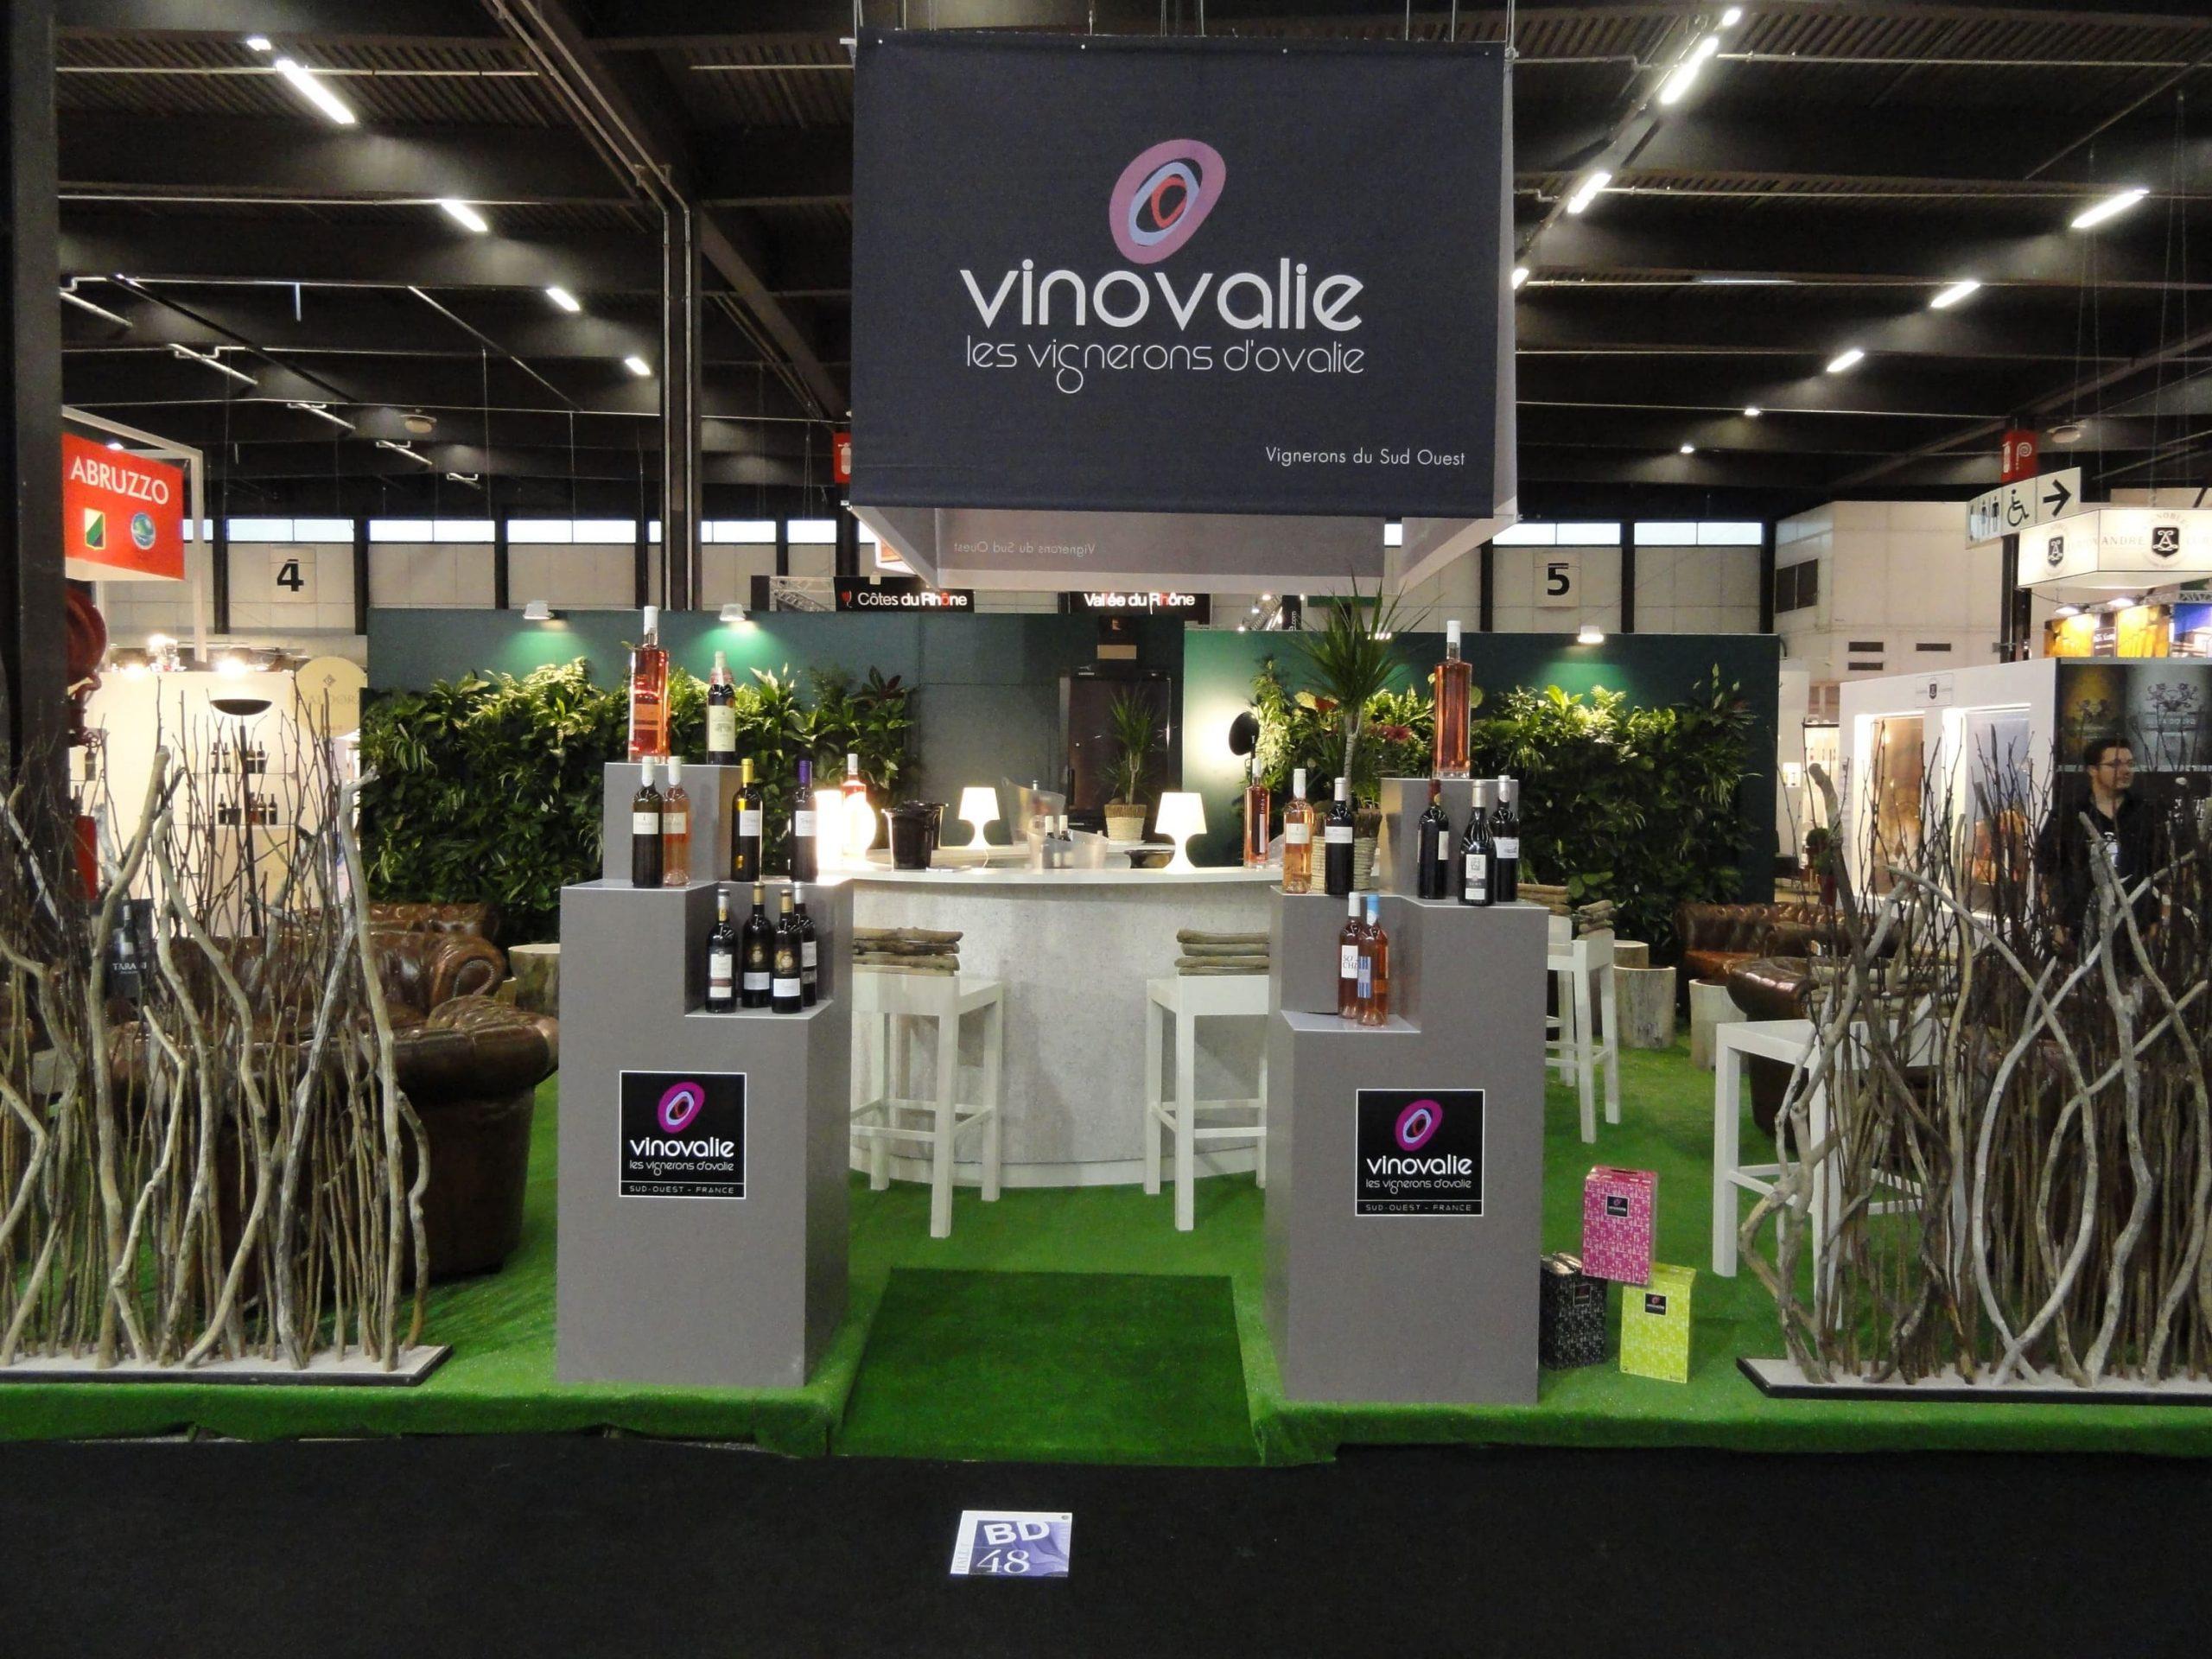 Vue d'ensemble du stand de Vinovalie au salon Vinexpo de Bordeaux en 2011 agencé par SAFRA Agencement